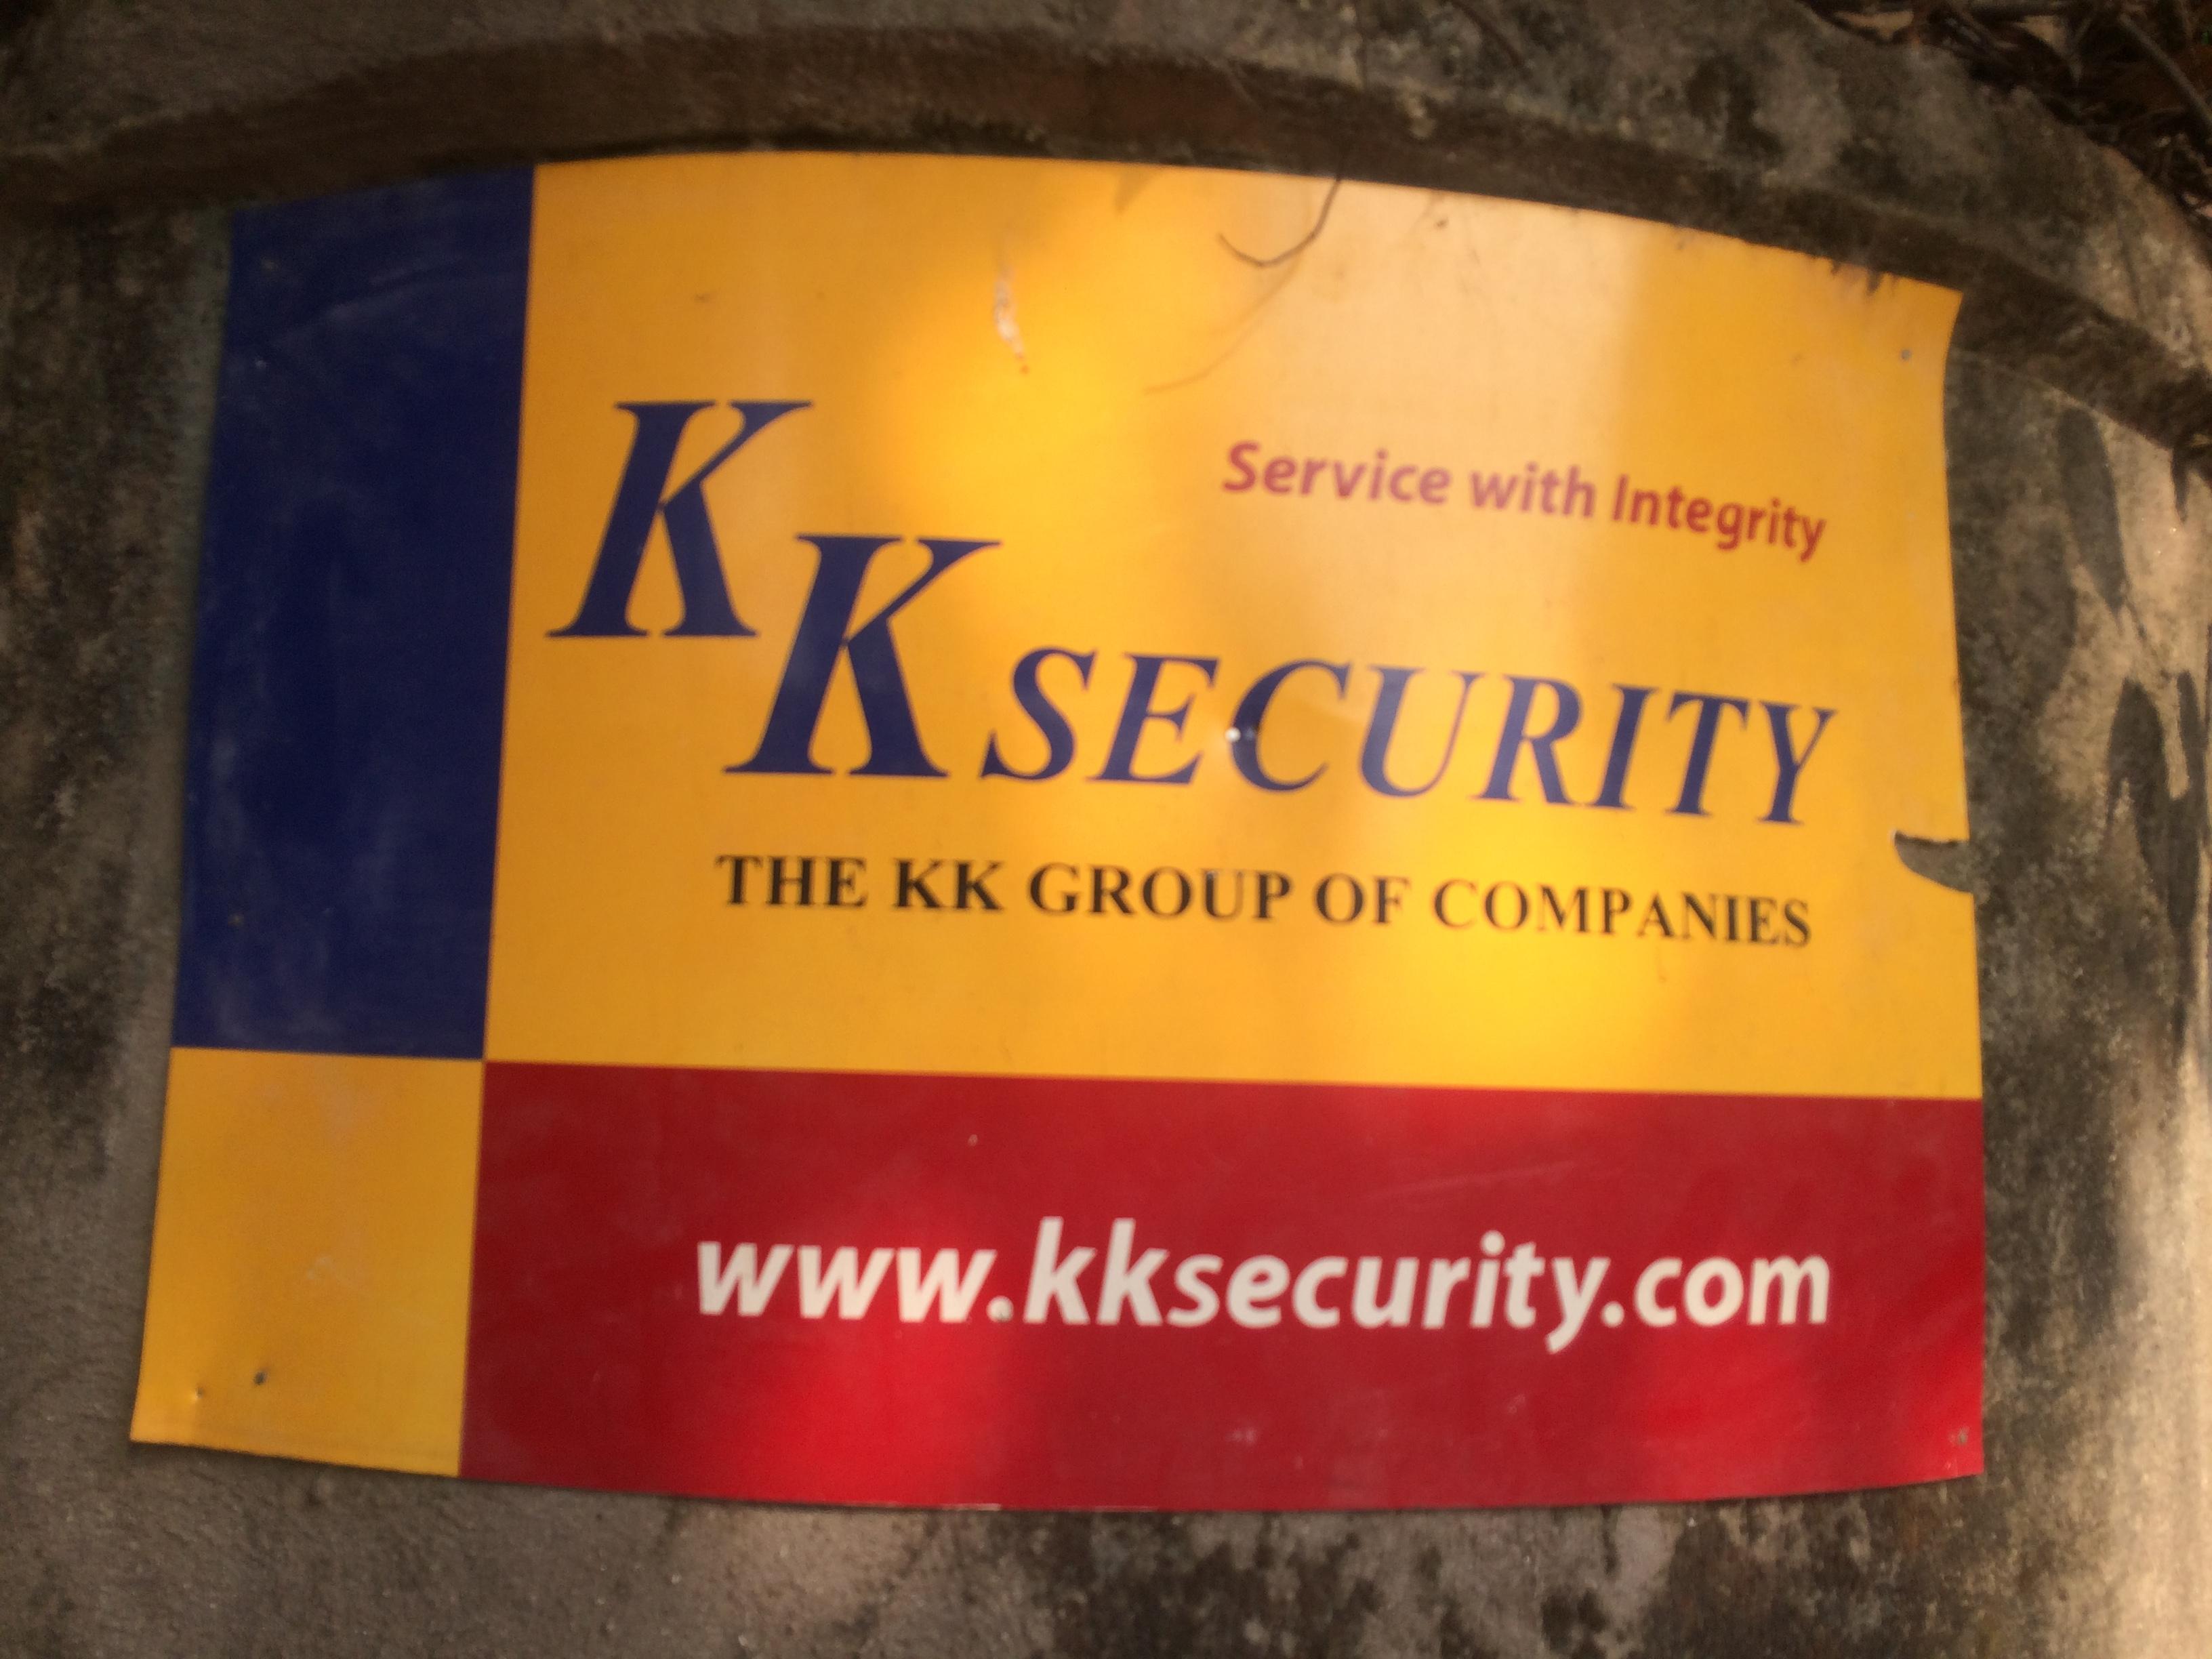 KK security